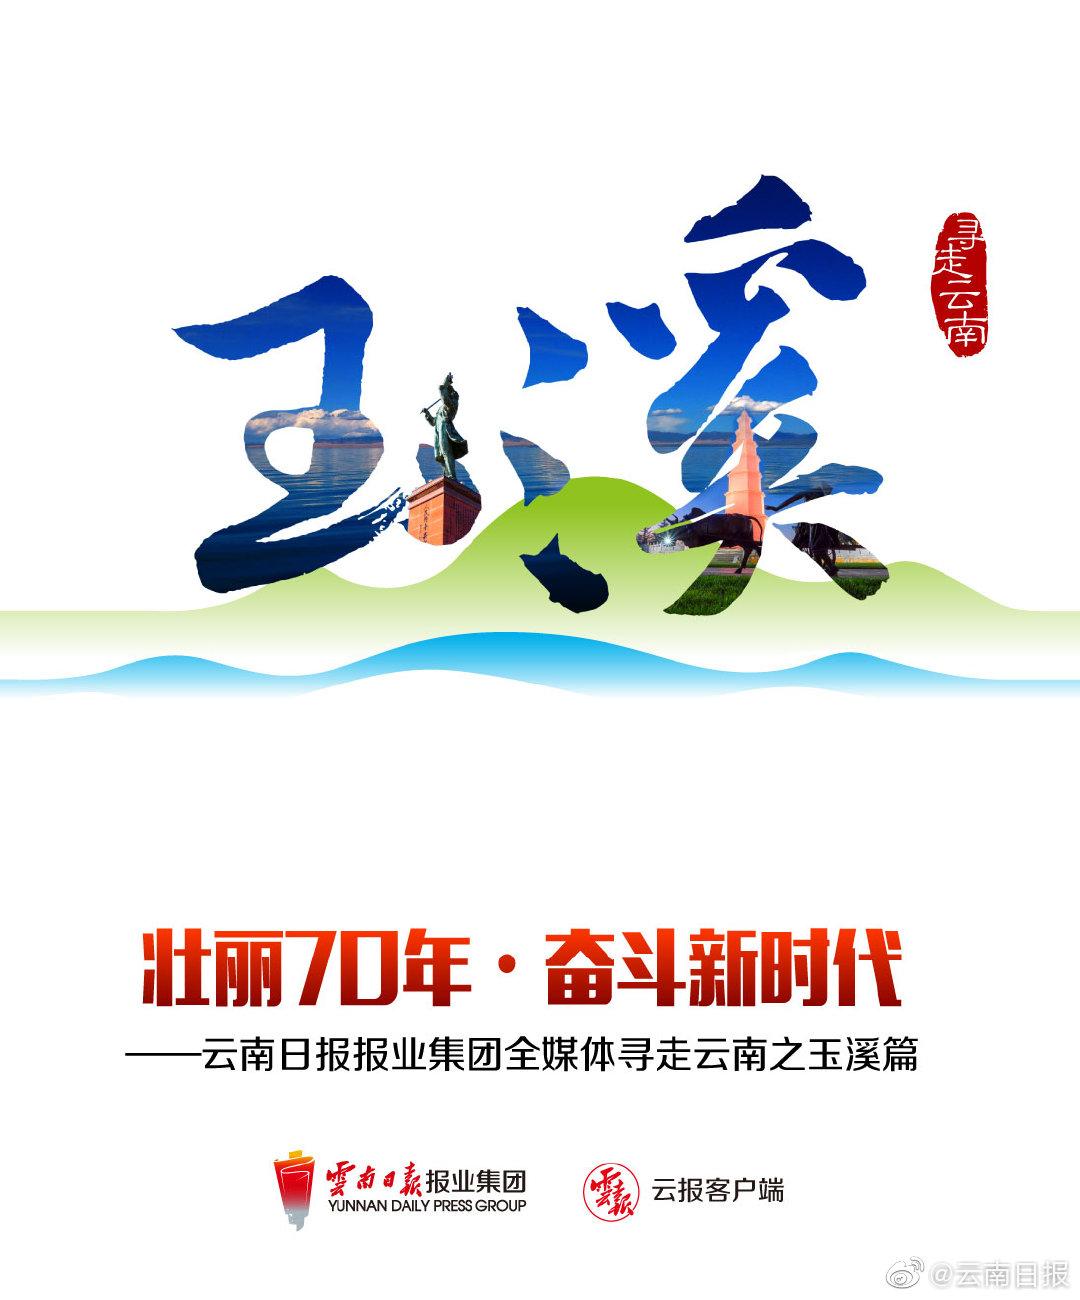 江川:湿地湖滨带提质改造工程既是保护屏障 也是生态旅游发展项目